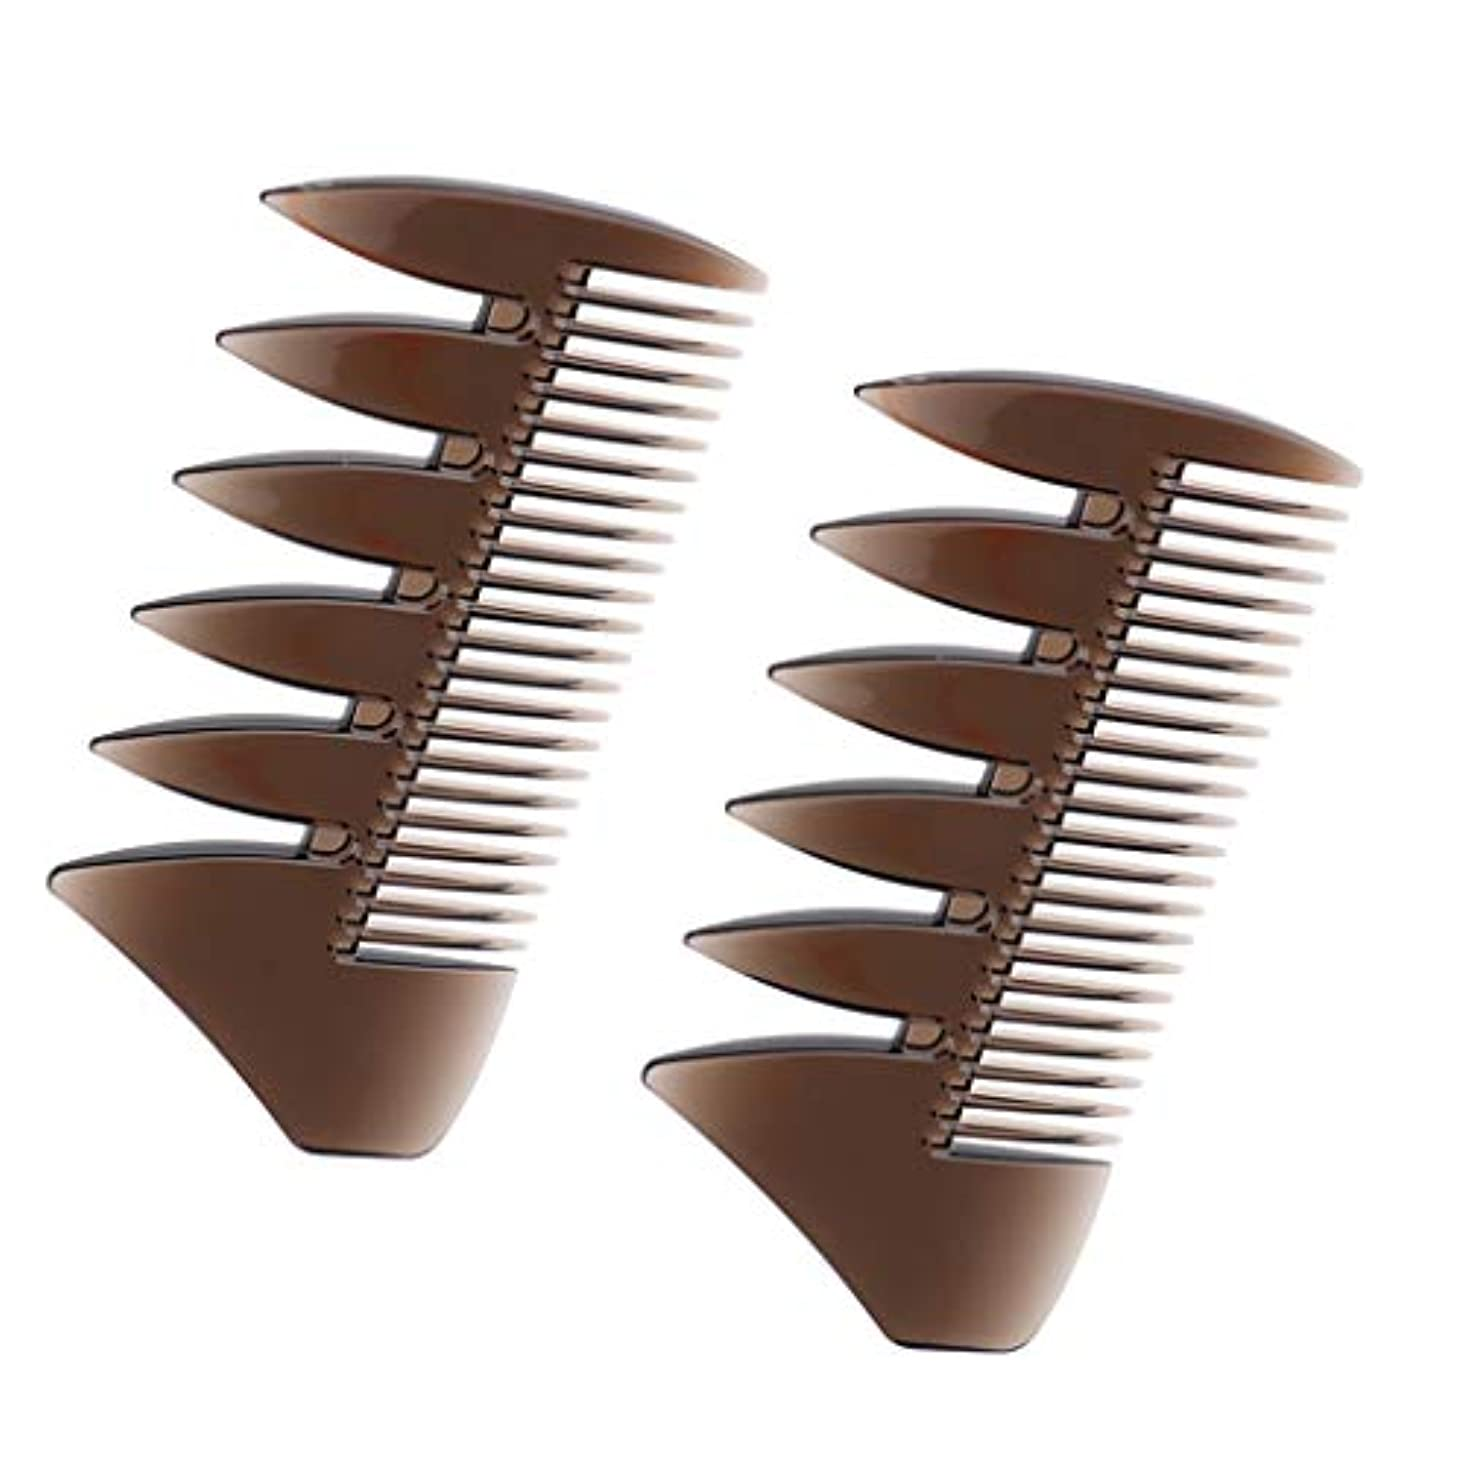 ハンディキャップウガンダ生産性ヘアコンビ デュアルサイド メンズ 髪櫛 ヘアサロン ヘアスタイリング 散髪店/美容院専用櫛2個入